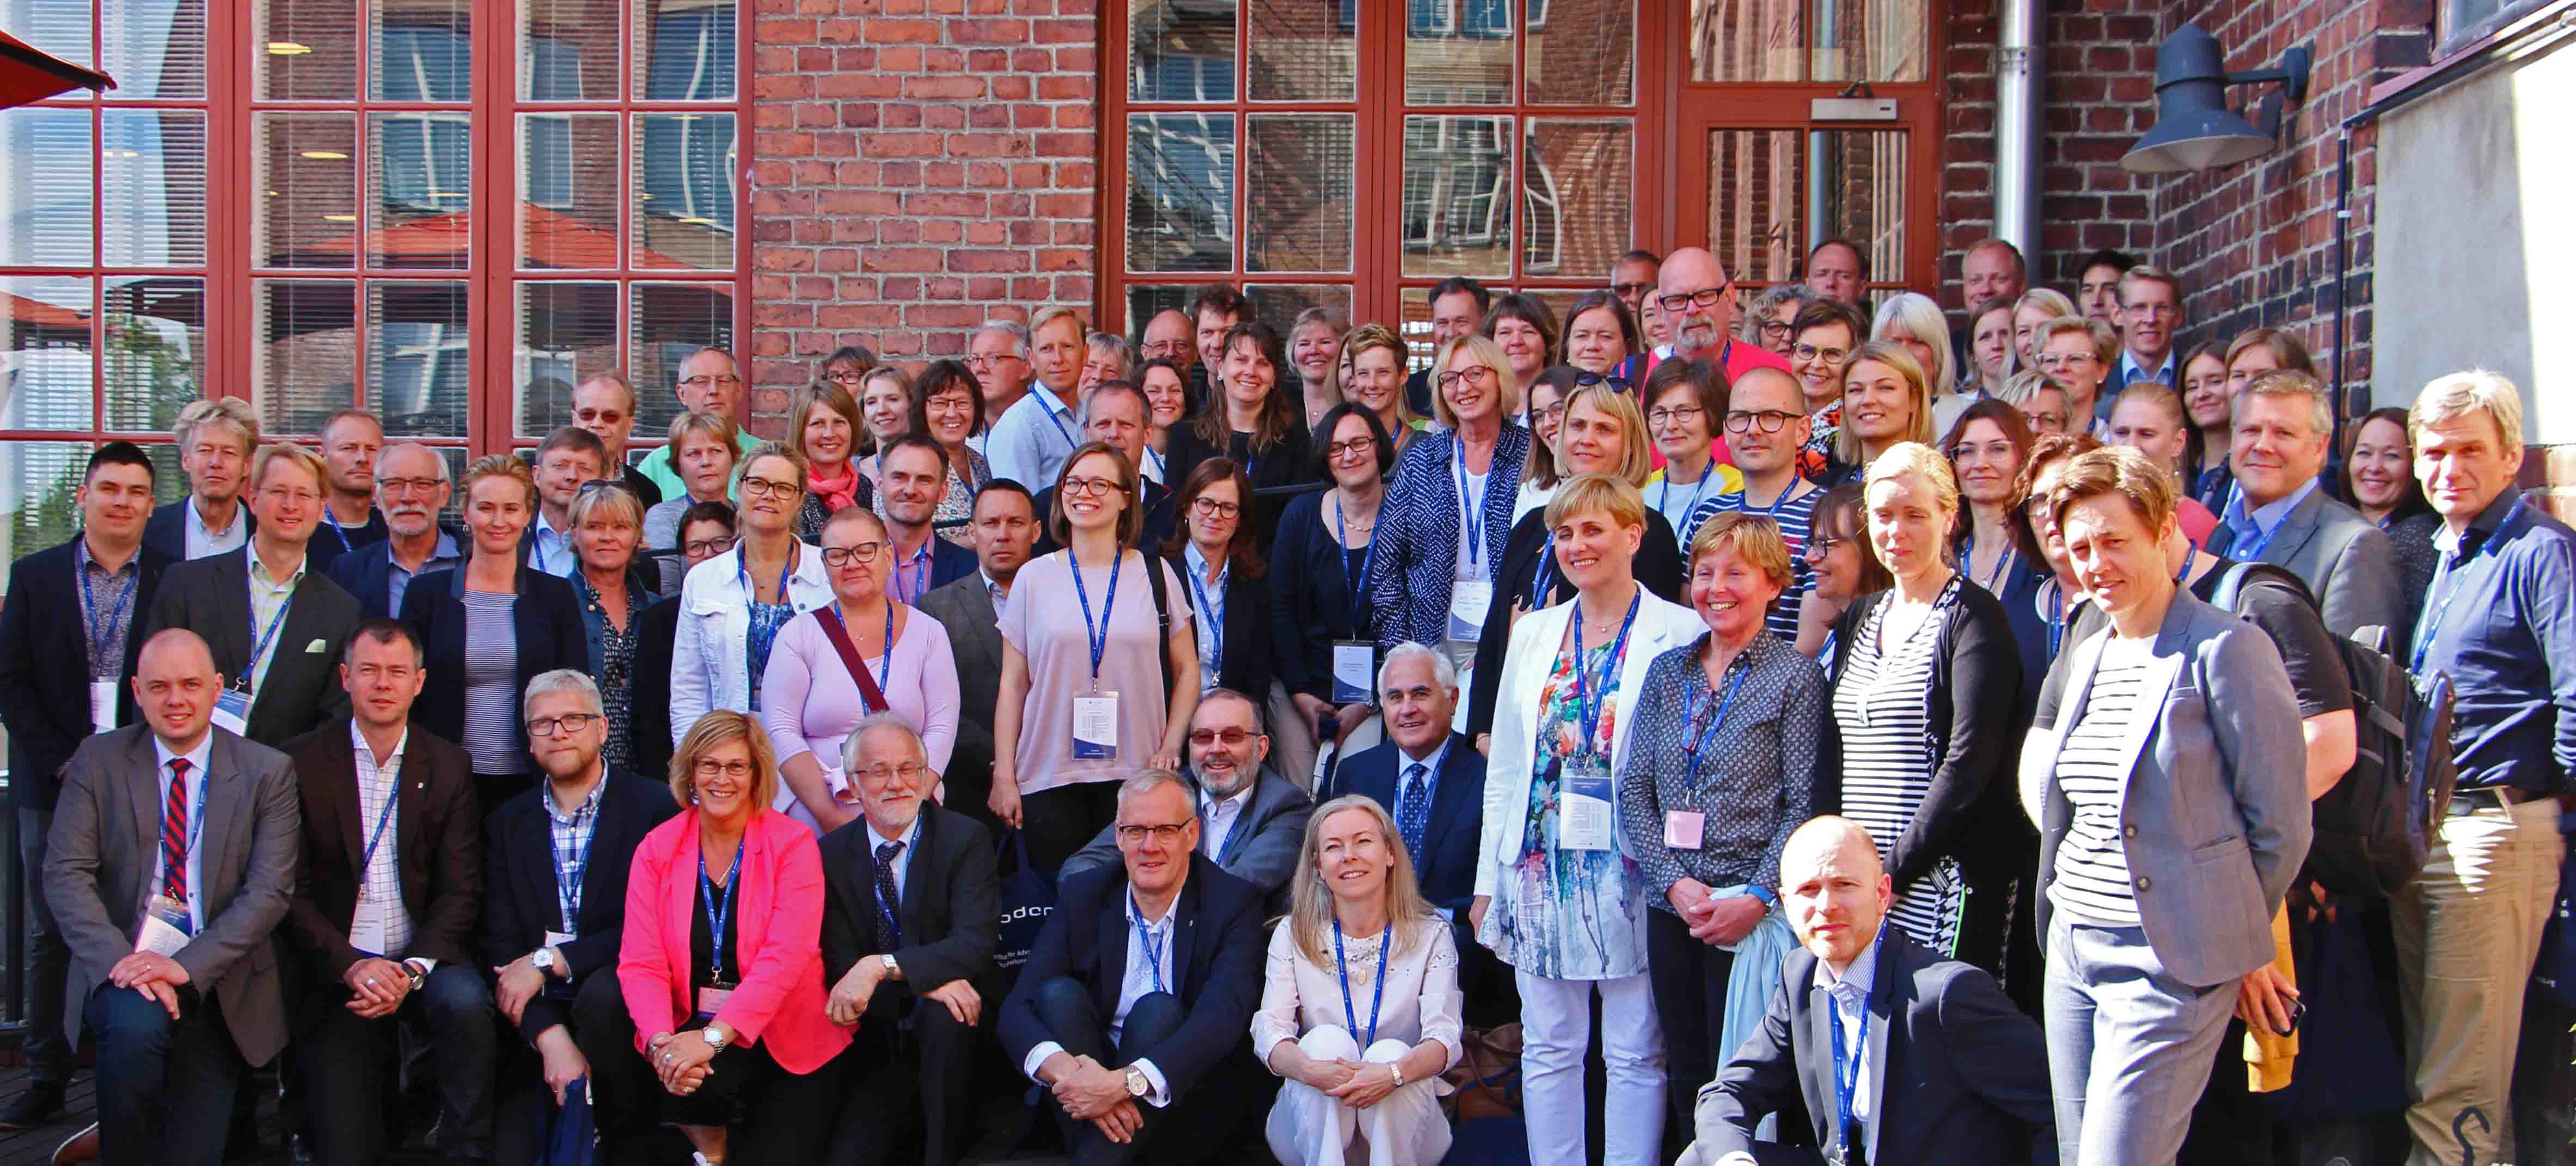 Risikobasert tilsyn tema på arbeidsmiljøkonferanse i Tampere